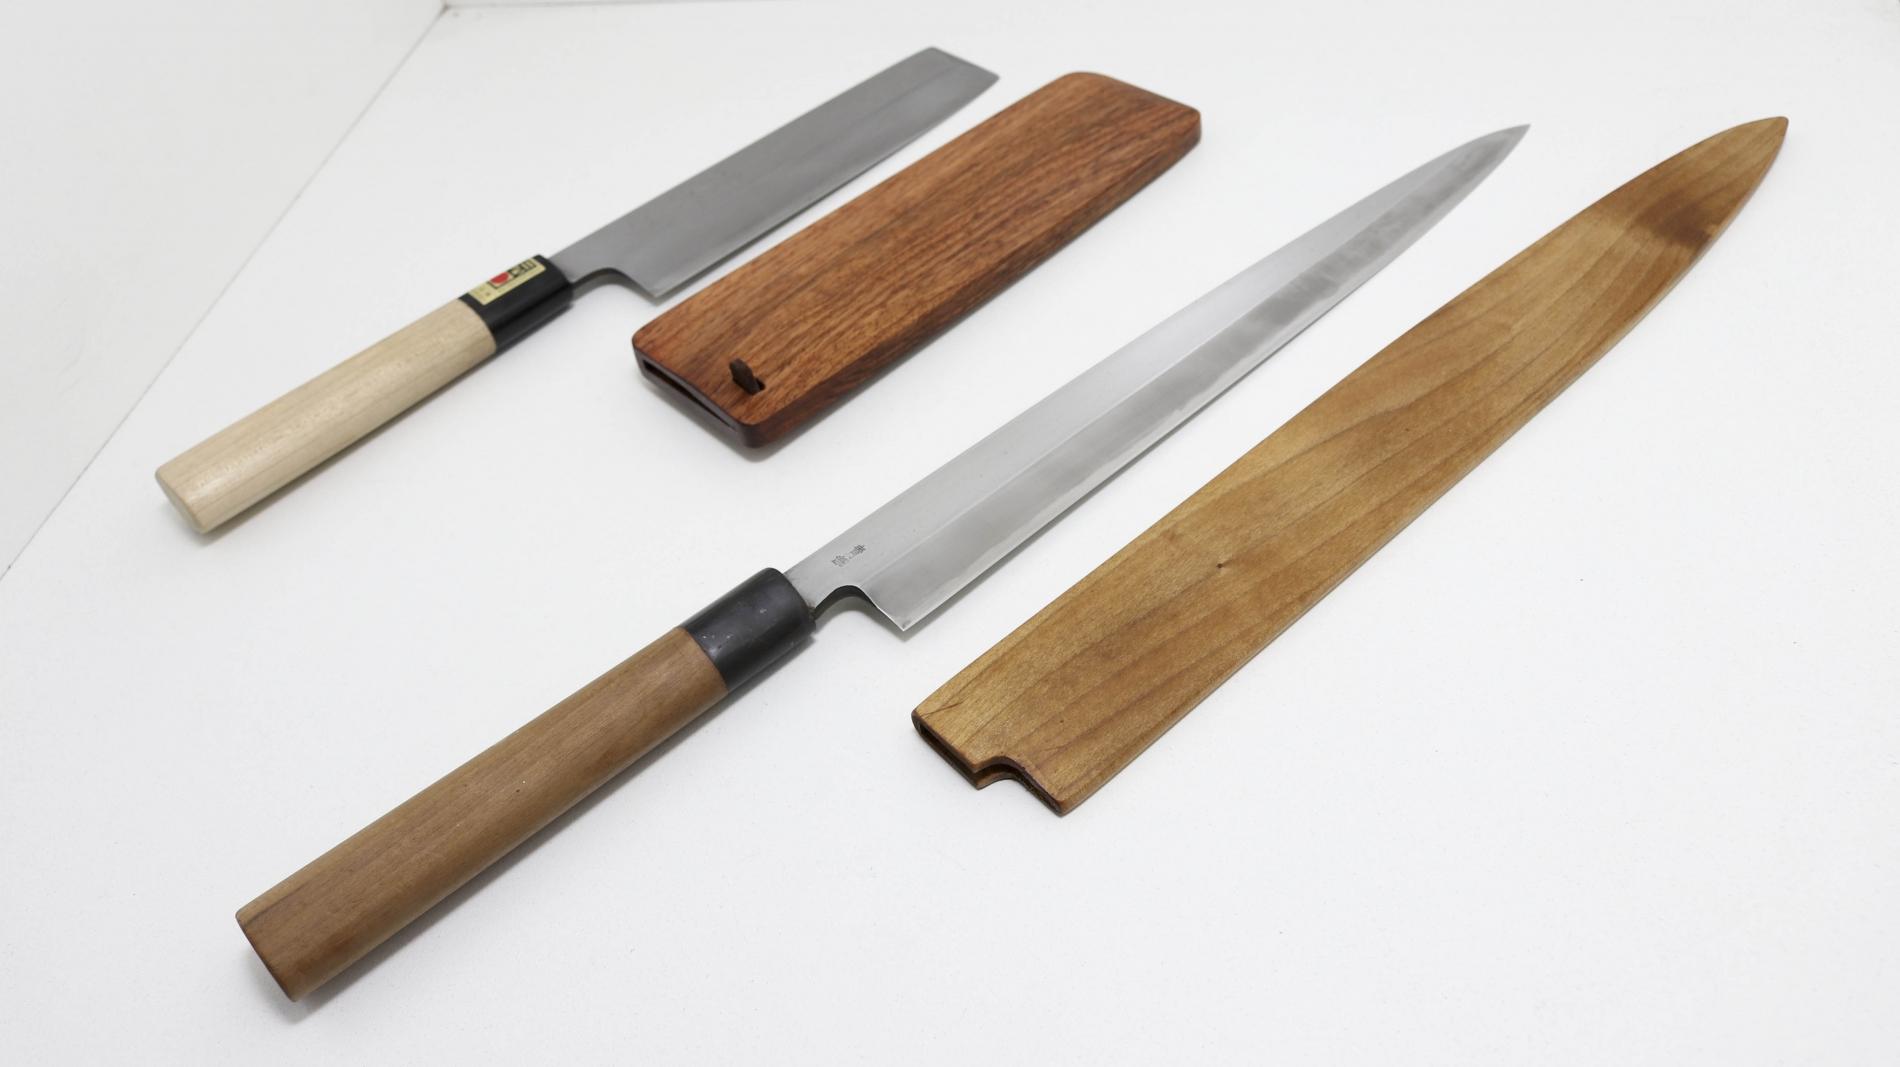 GUB0043-Protector de filo de cuchillo de madera personalizado GUB0043-max-6.